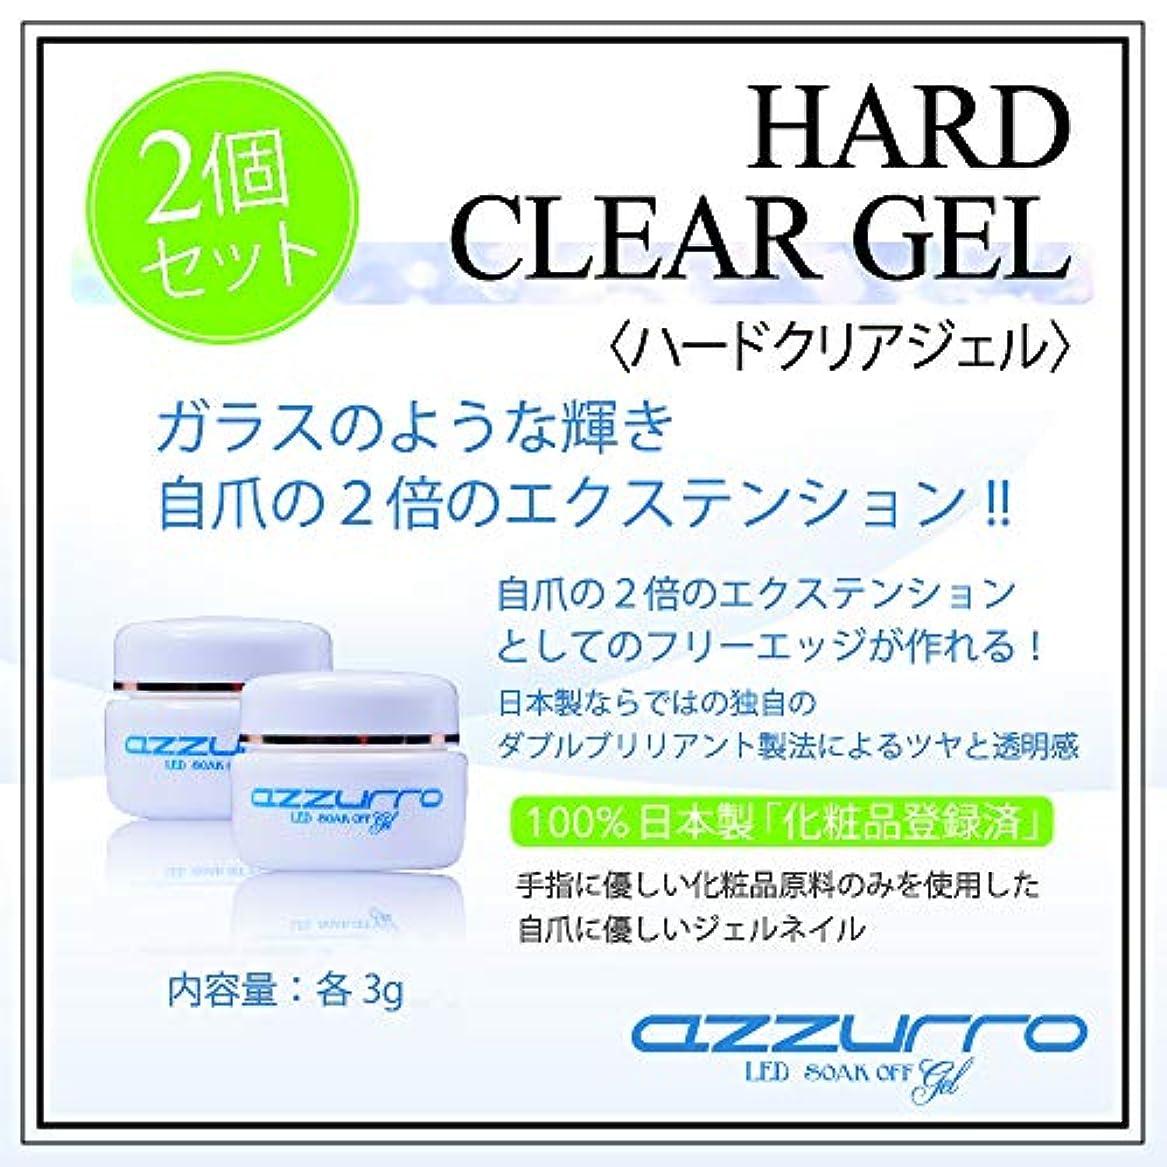 ディスコドライバセミナーazzurro gel アッズーロハードクリアージェル 3g お得な2個セット キラキラ感持続 抜群のツヤ